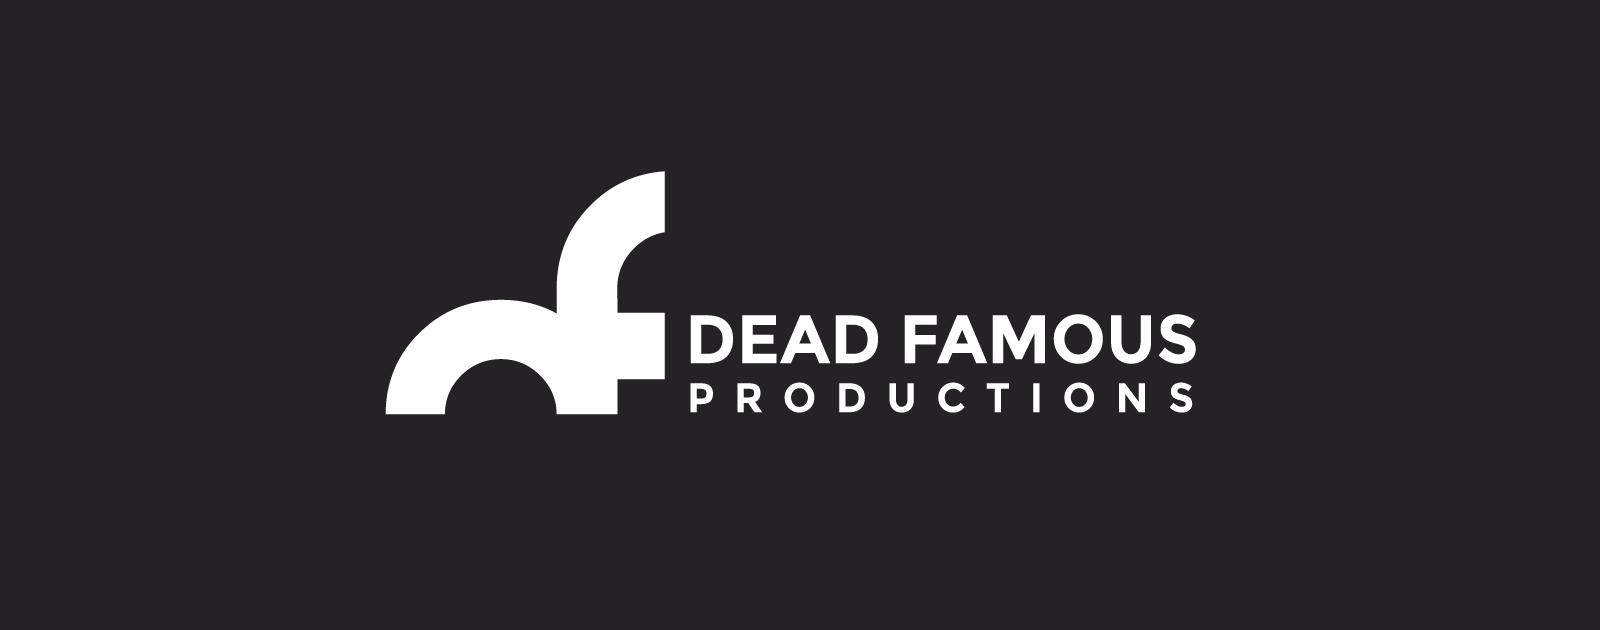 dead-famous_03.png